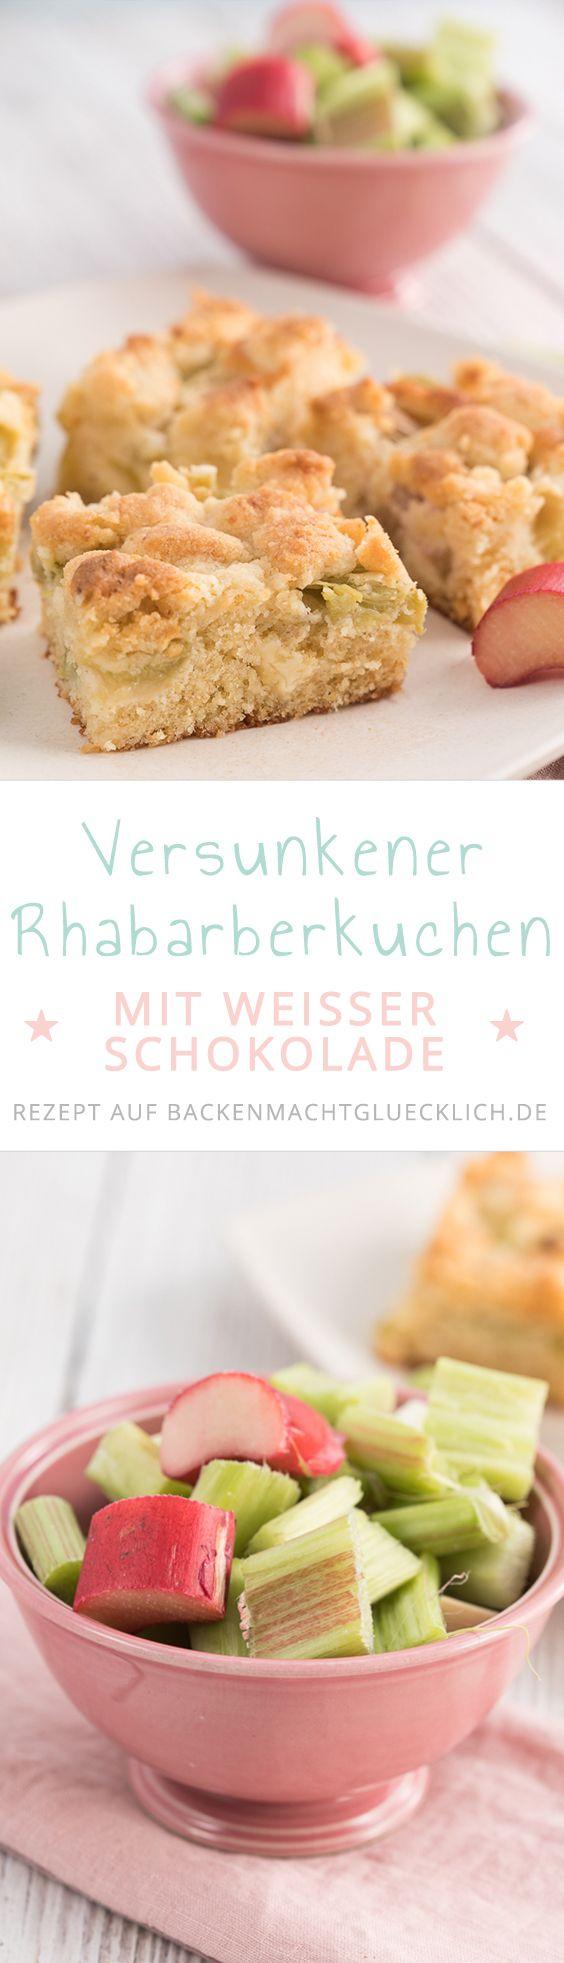 Dieser versunkene Rhabarberkuchen vom Blech ist eine tolle Kombi aus säuerlichem Rhabarber, knusprigen Streuseln, saftigem Rührteig und weißer Schokolade.